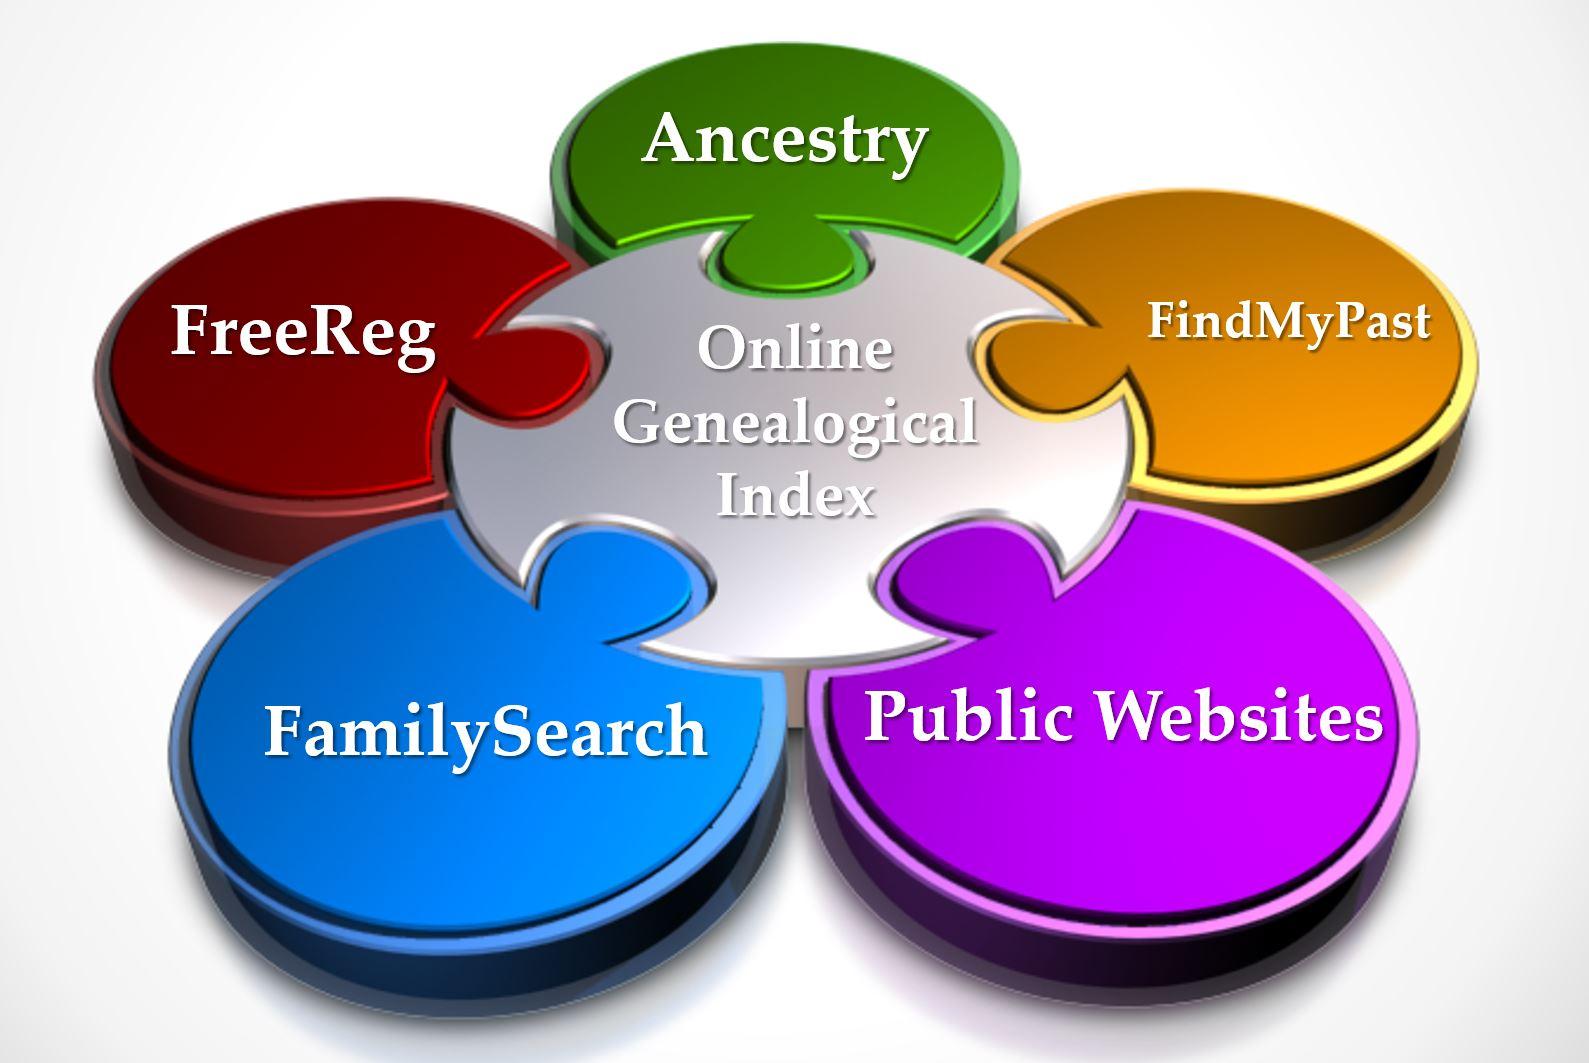 Online Genealogical Index